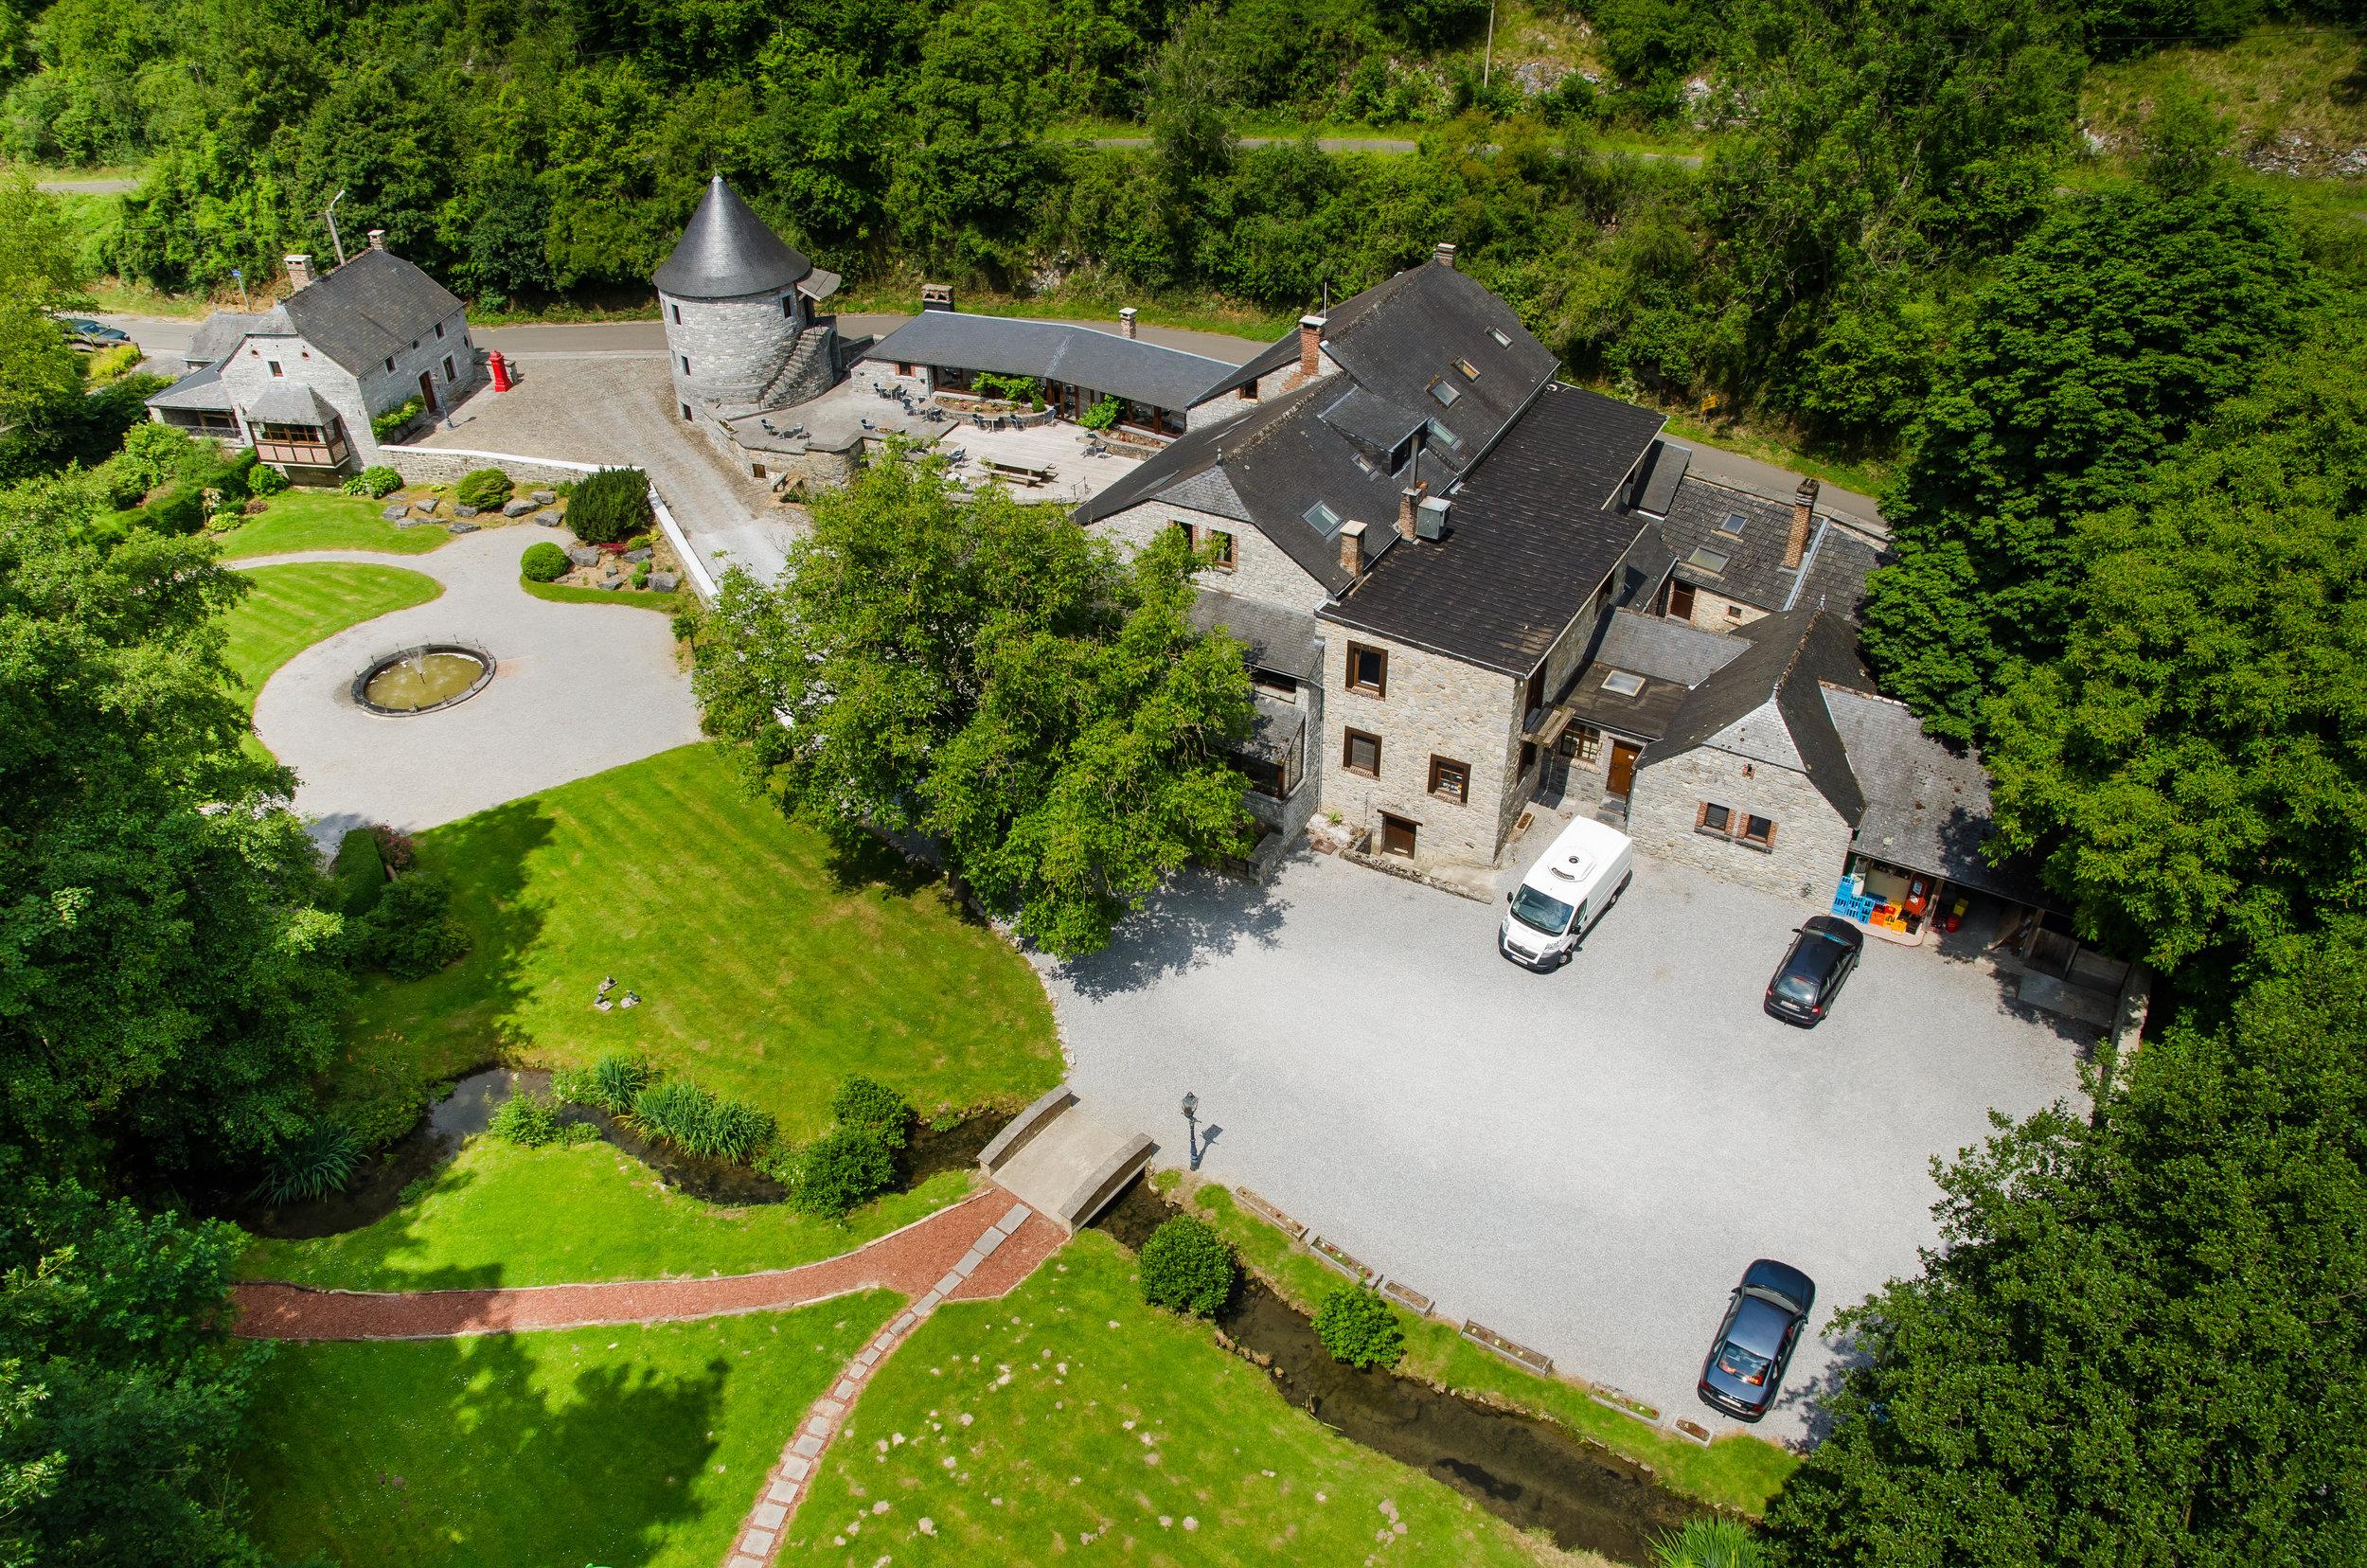 14_06_27_Hôtel Du Moulin de Lisogne_039.jpg